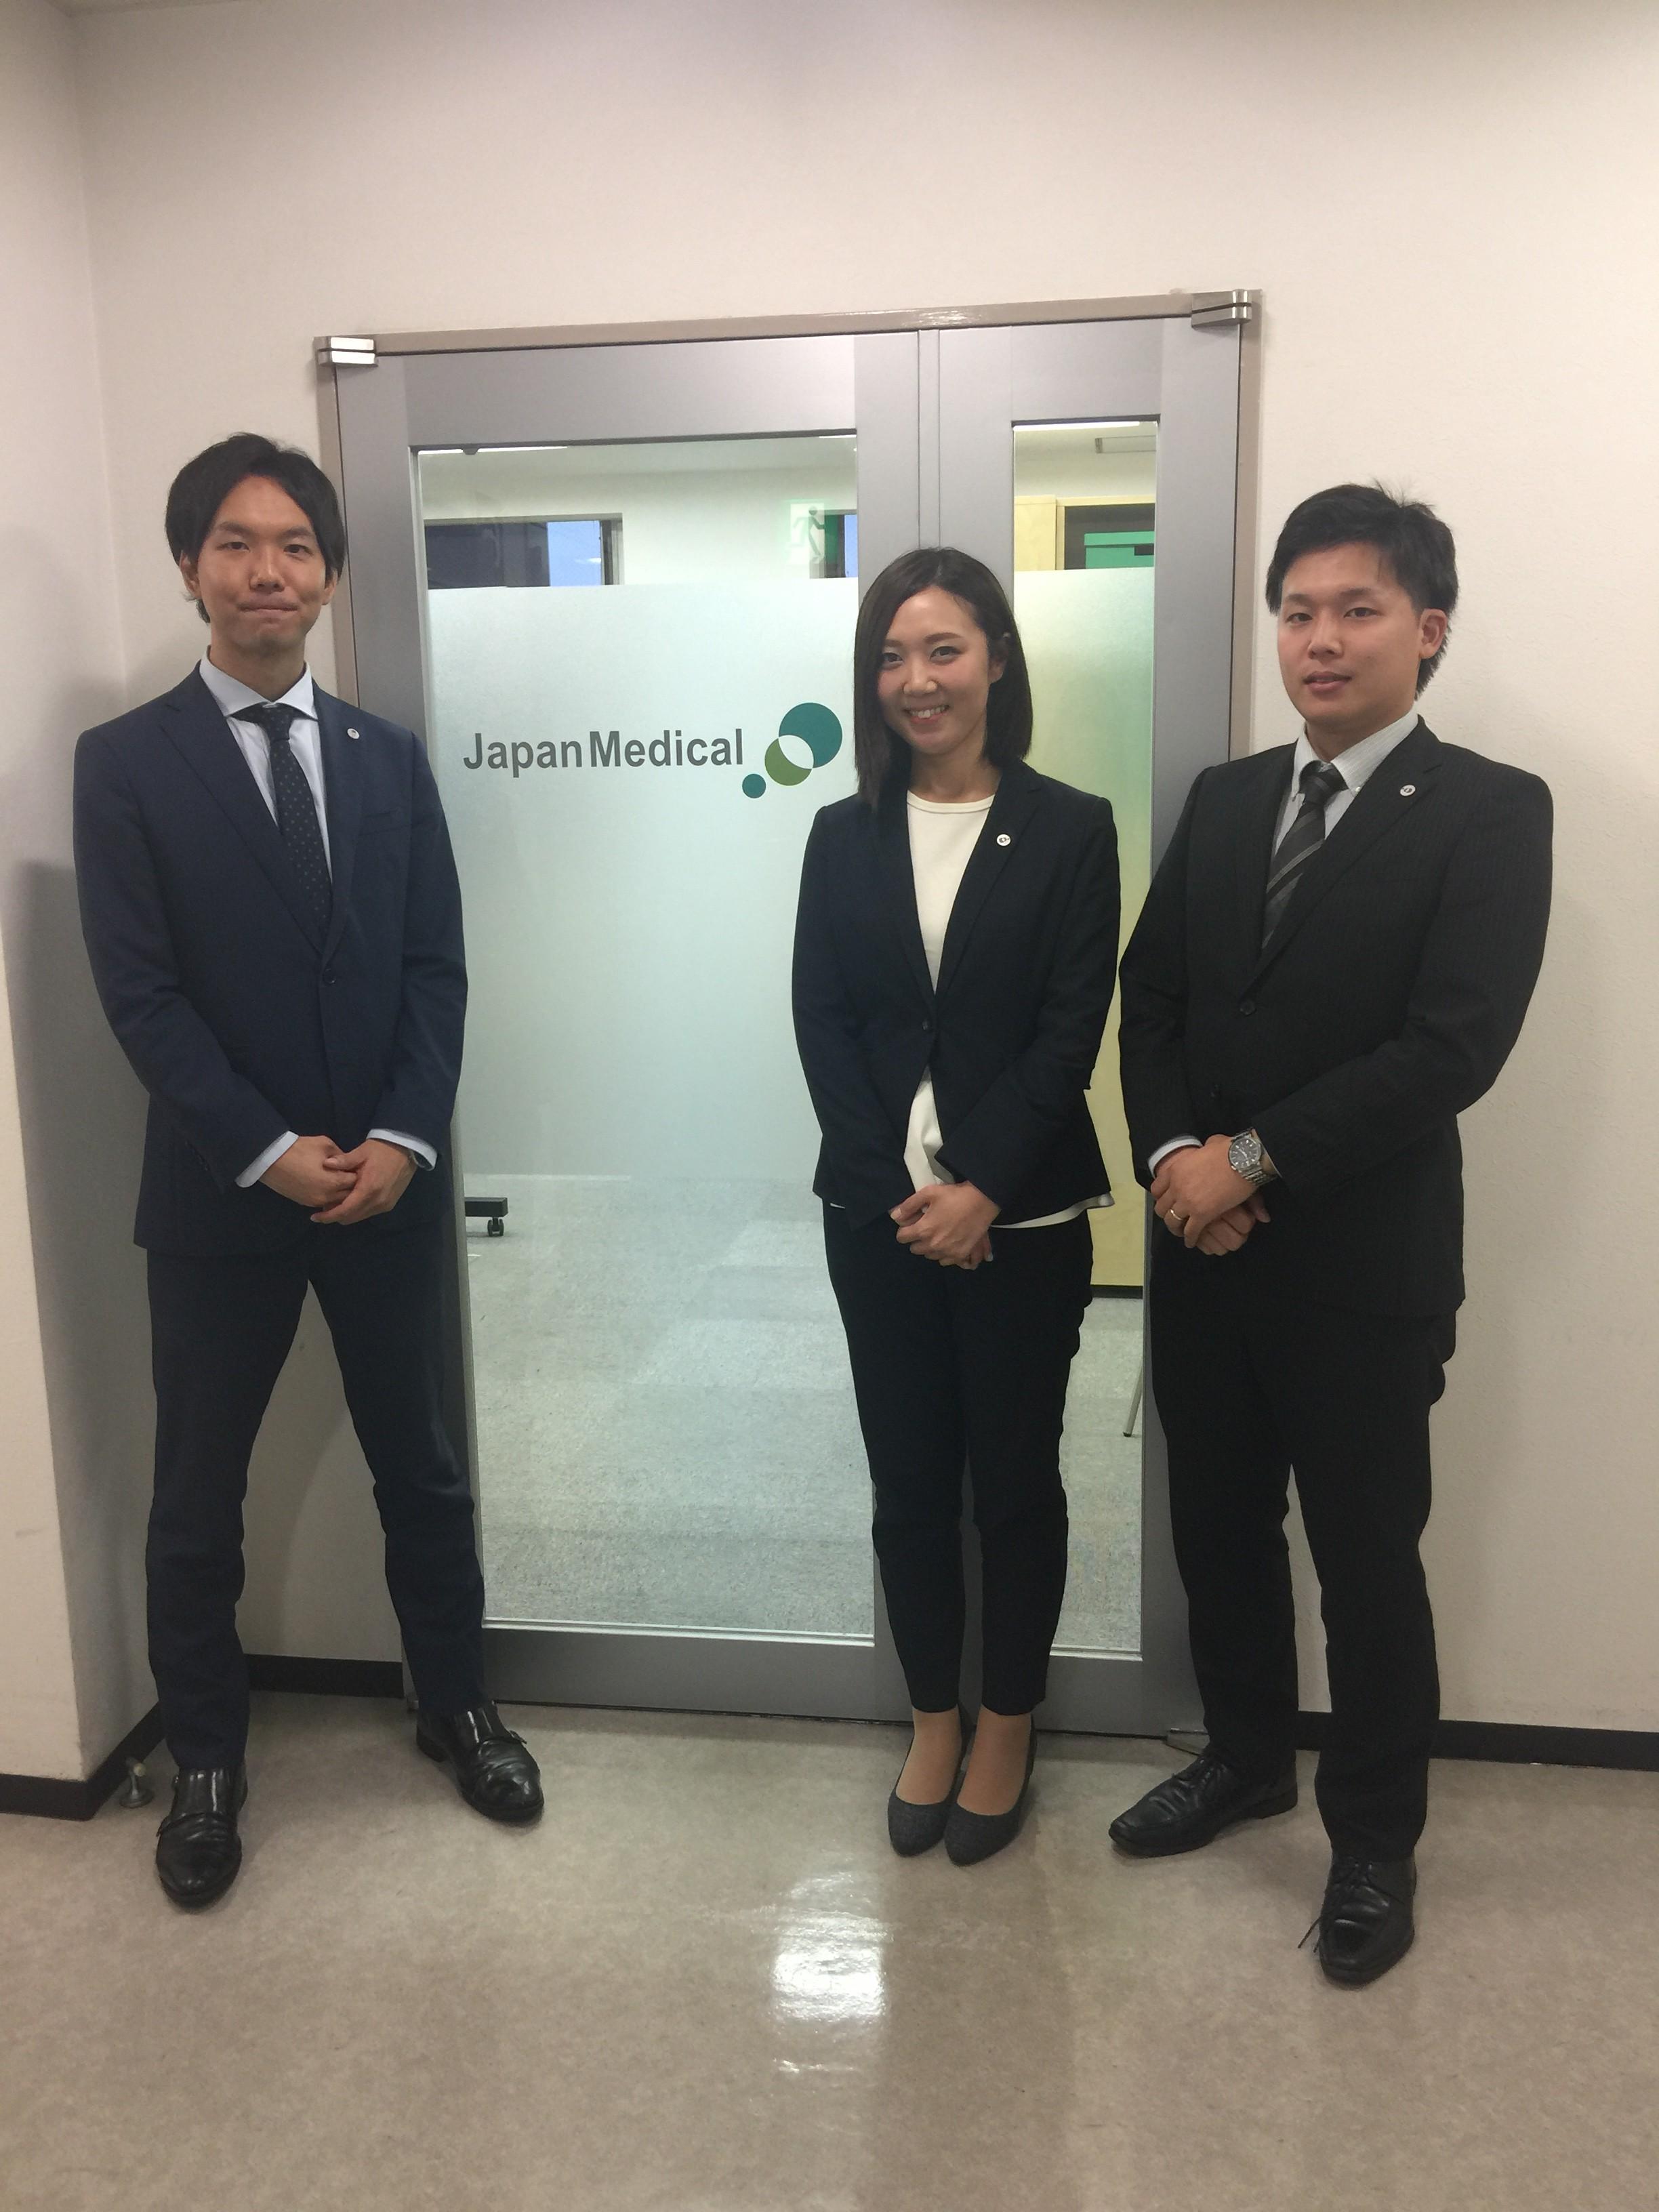 日本メディカル株式会社 埼玉支店 のアルバイト情報